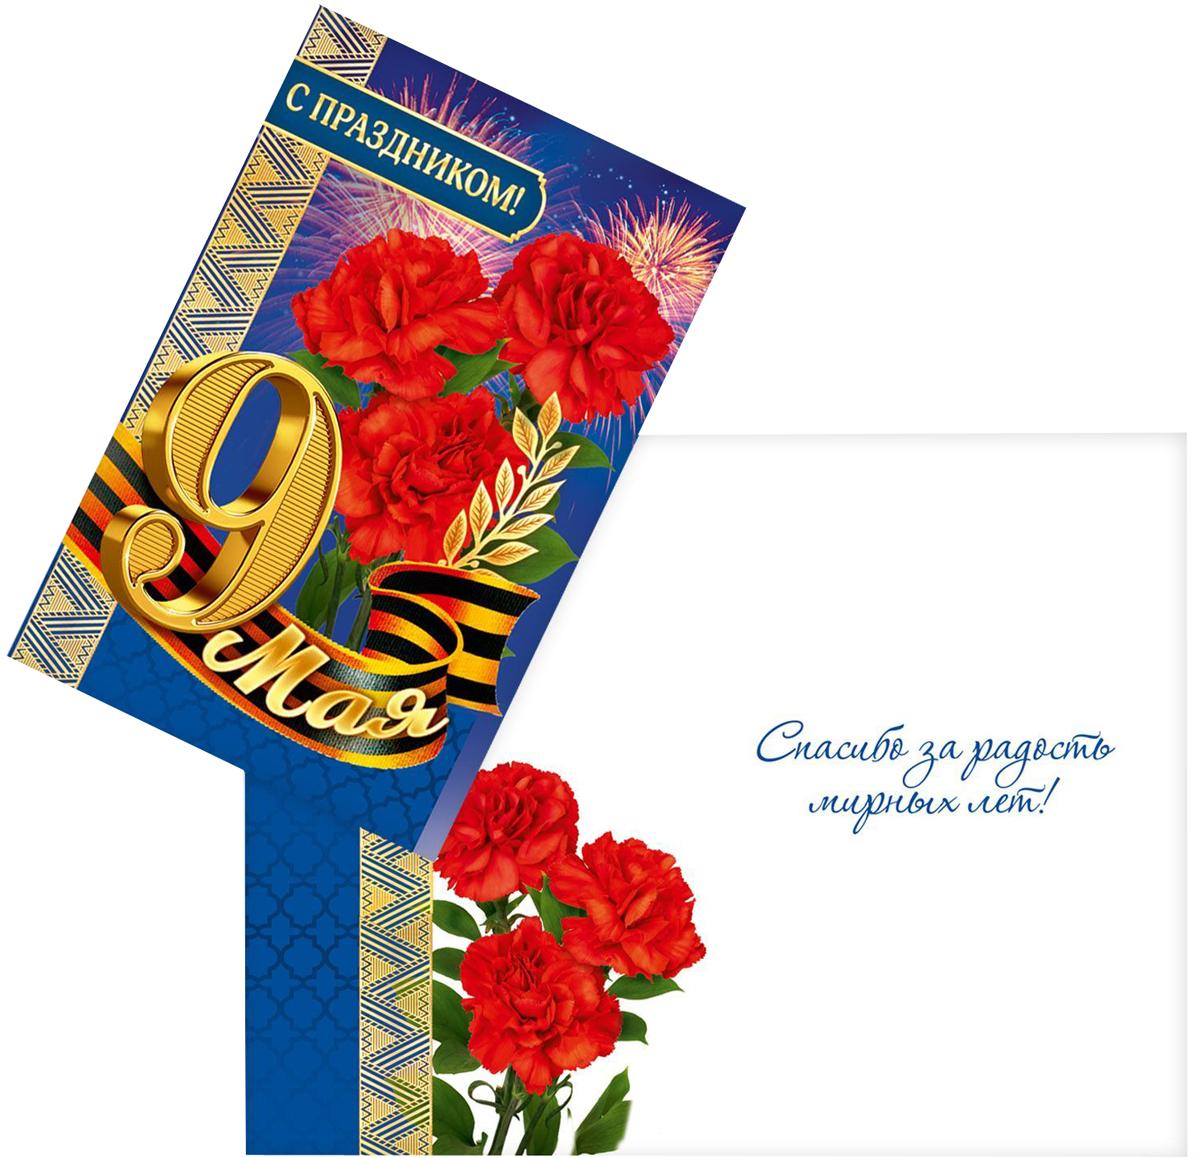 Открытка Дарите cчастье С праздником! 9 мая, 9 х 6 см открытка дарите cчастье с праздником 9 мая 9 х 6 см